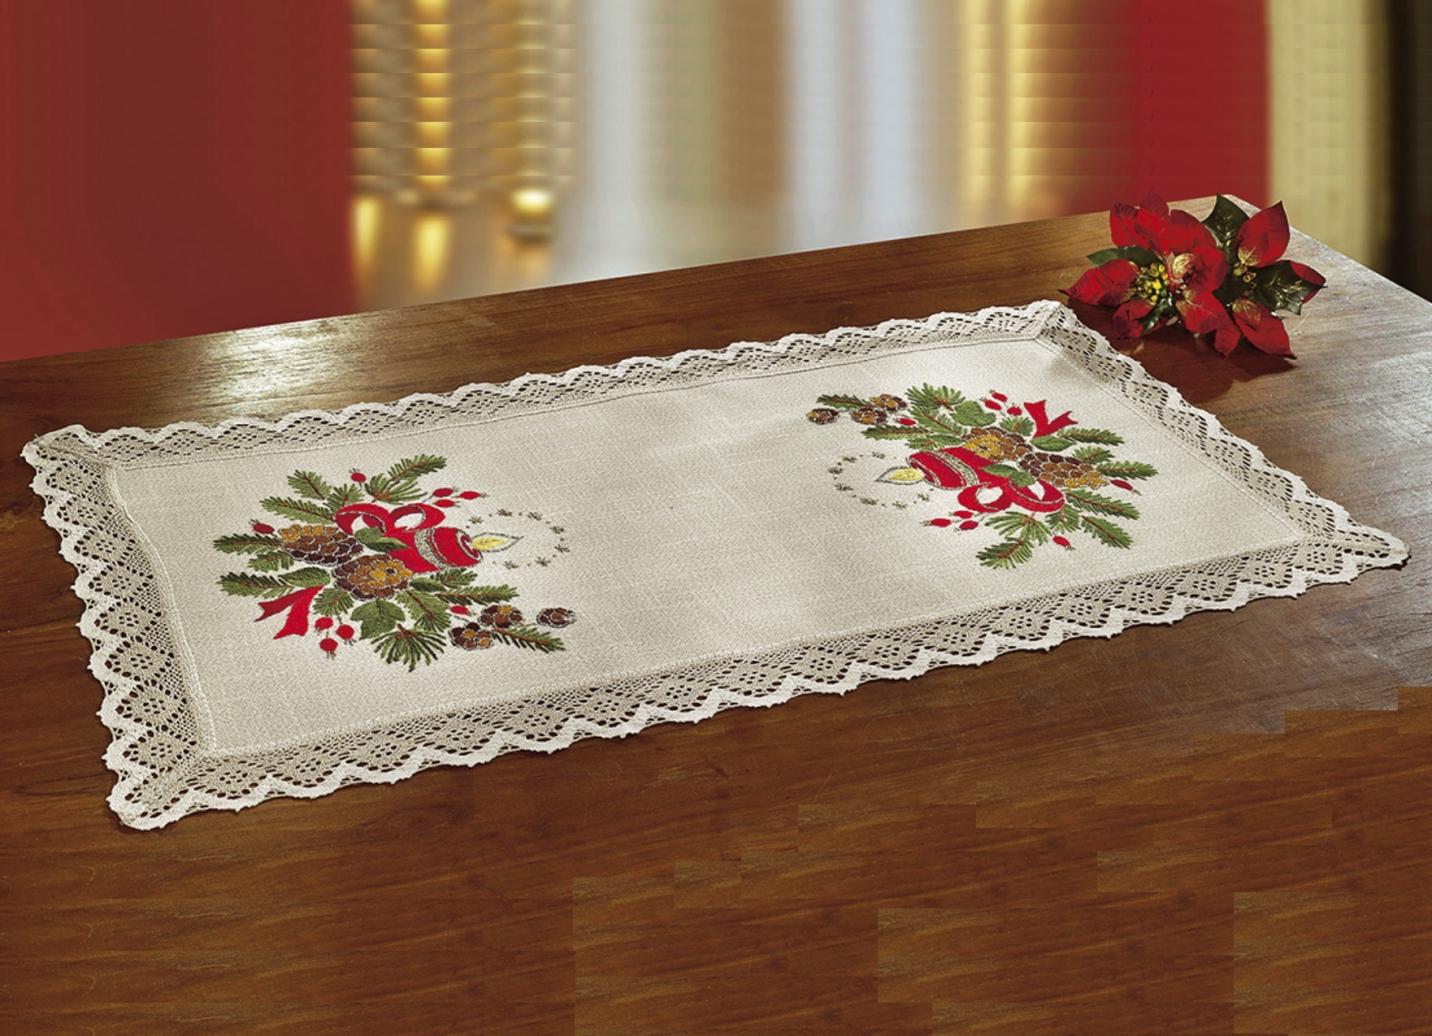 tisch und raumdekoration in 2 ausf hrungen weihnachten. Black Bedroom Furniture Sets. Home Design Ideas